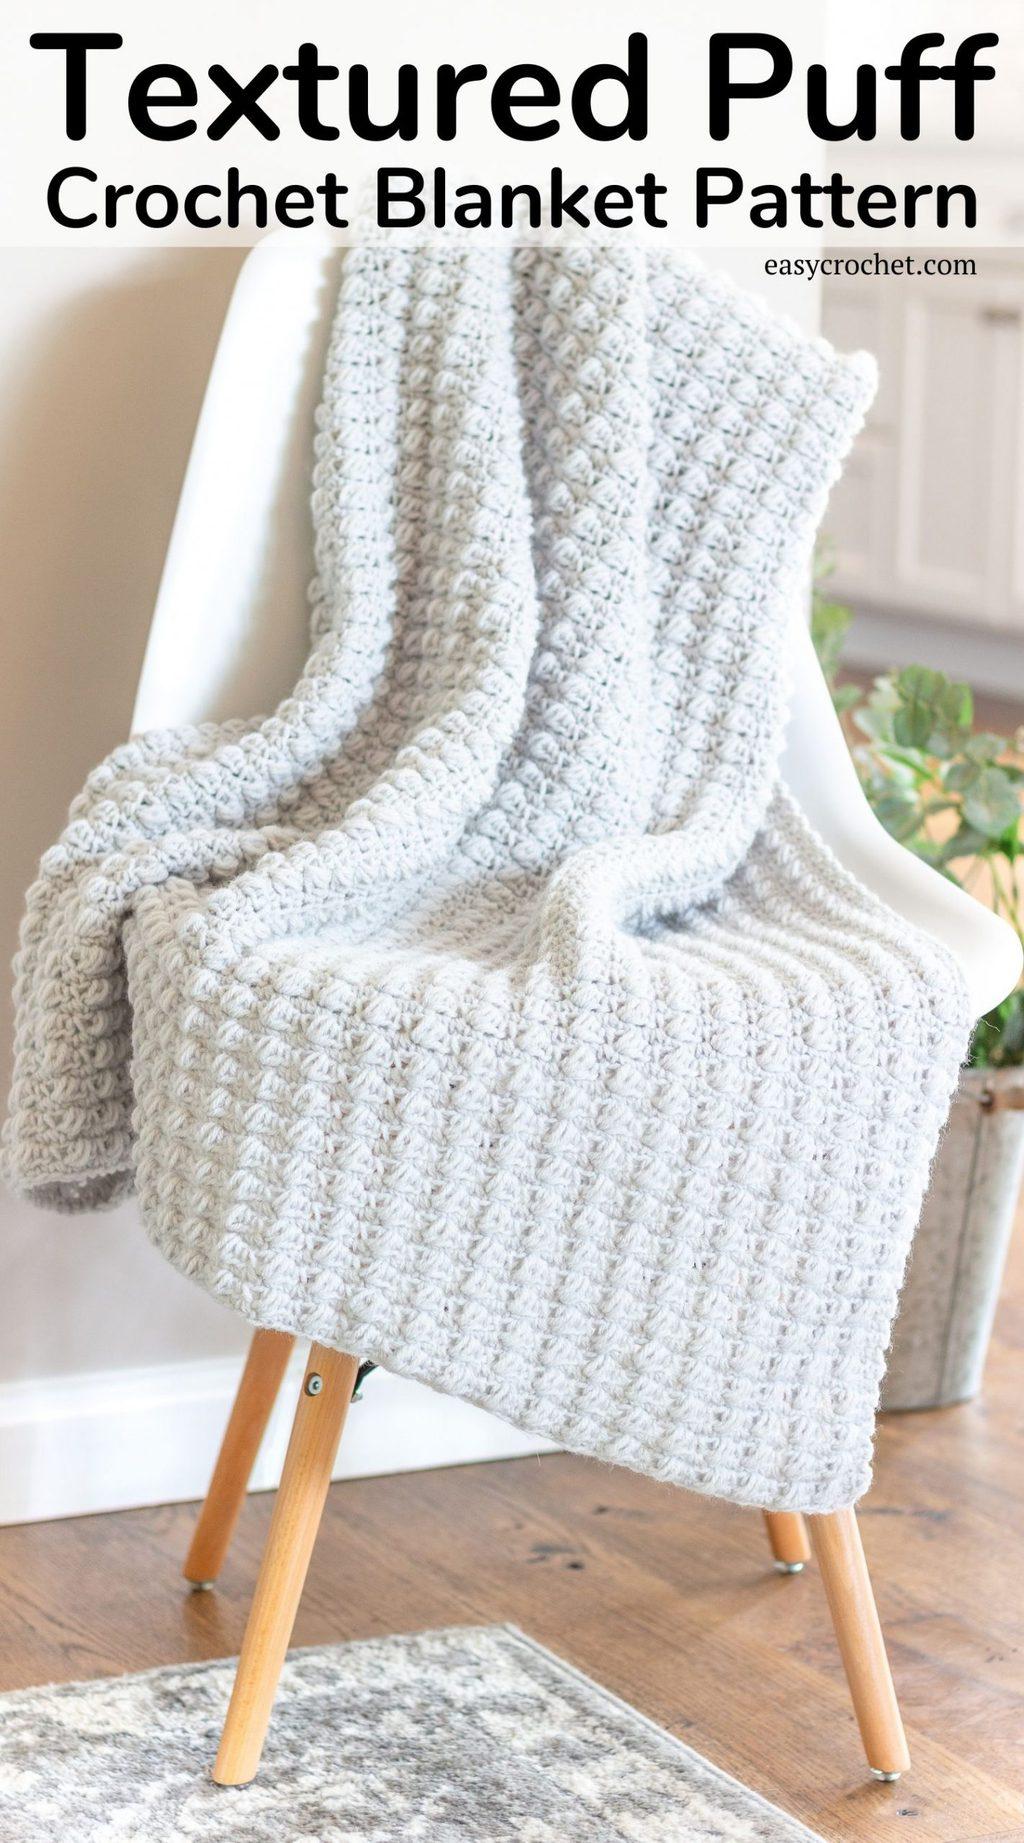 Textured puff stitch crochet throw blanket